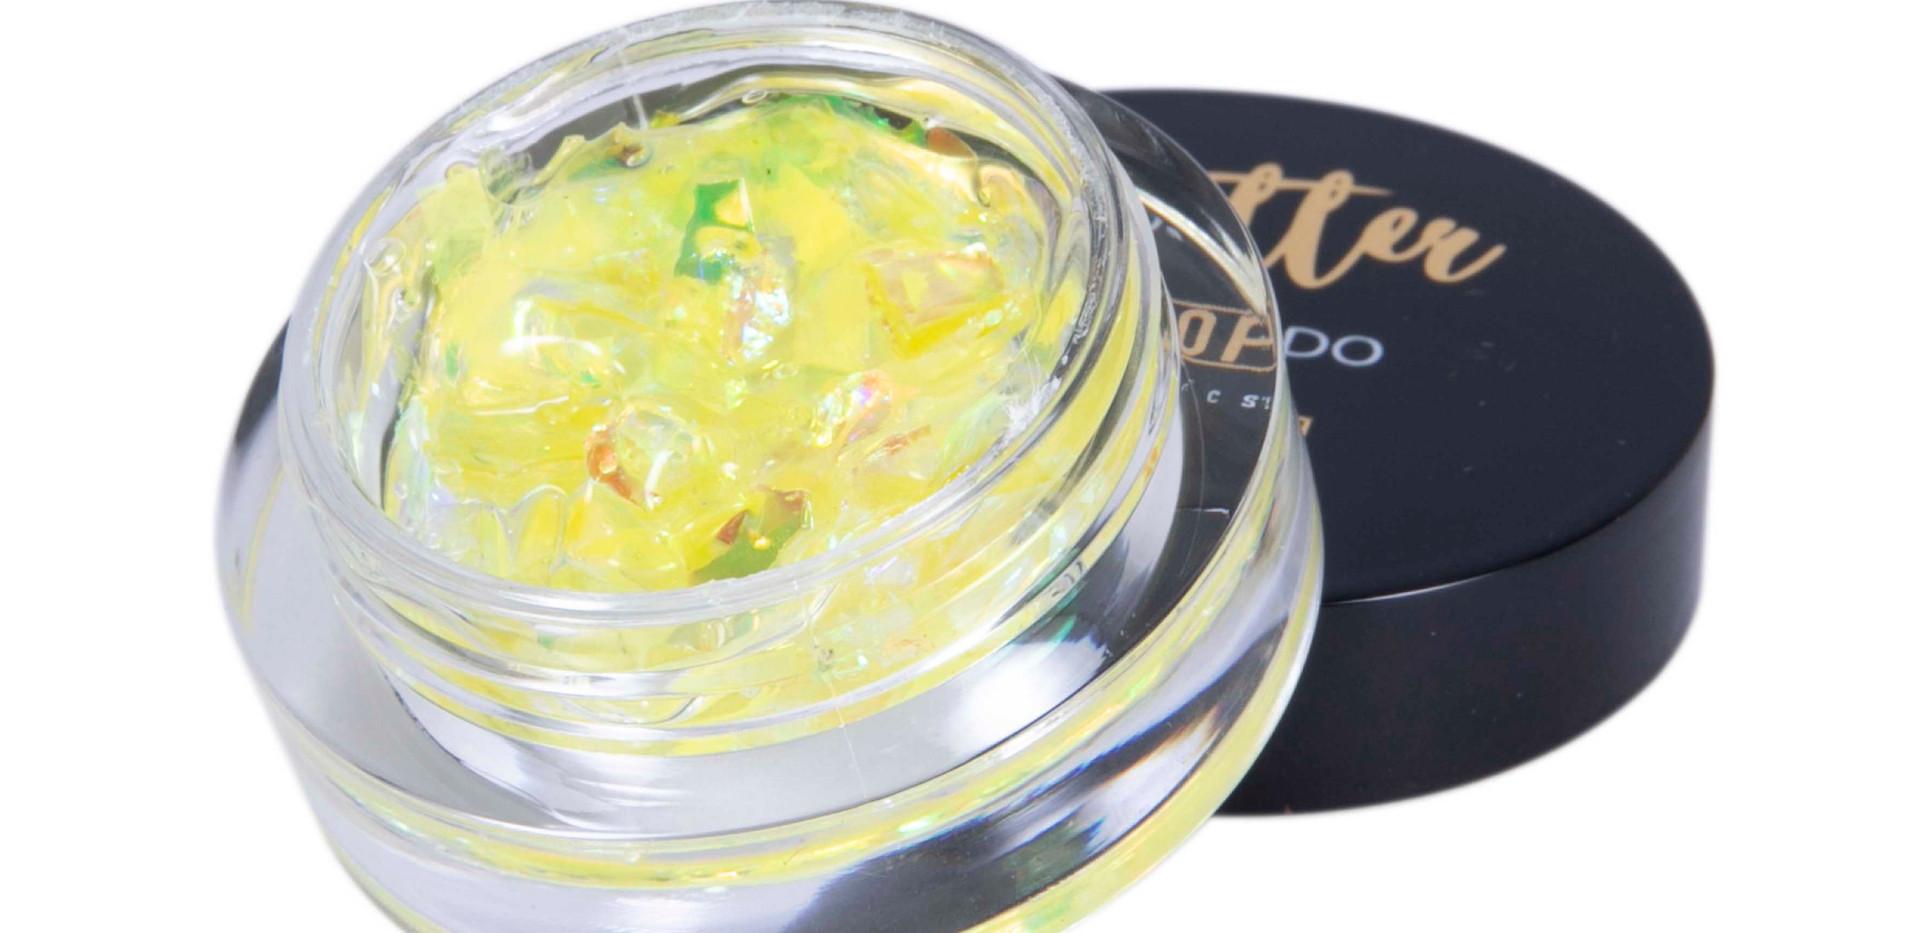 Glitter Flocado com Gel Dapop - HB96974 (cor 4)